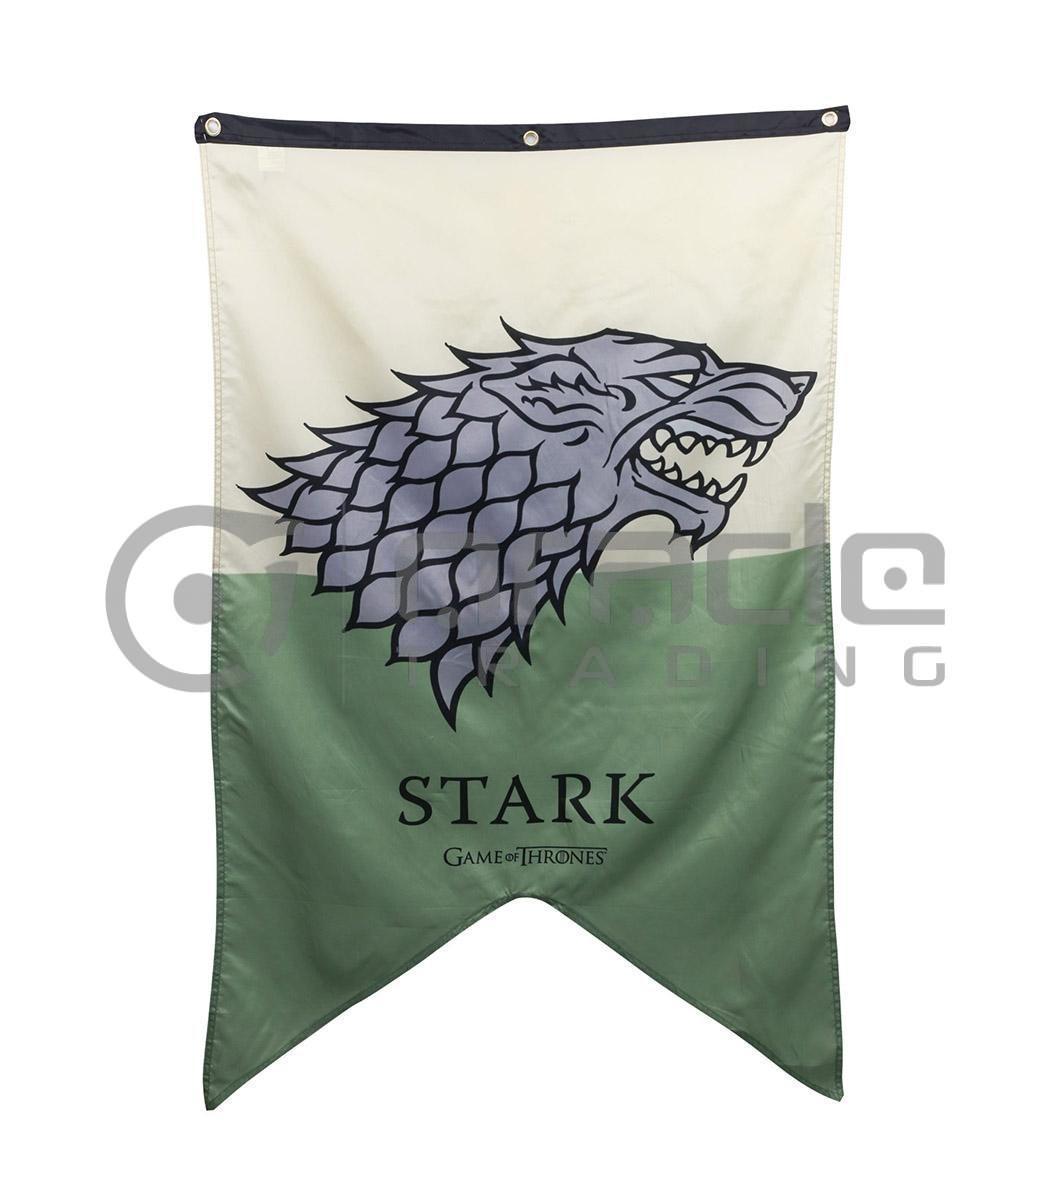 Game of Thrones Stark Indoor Banner